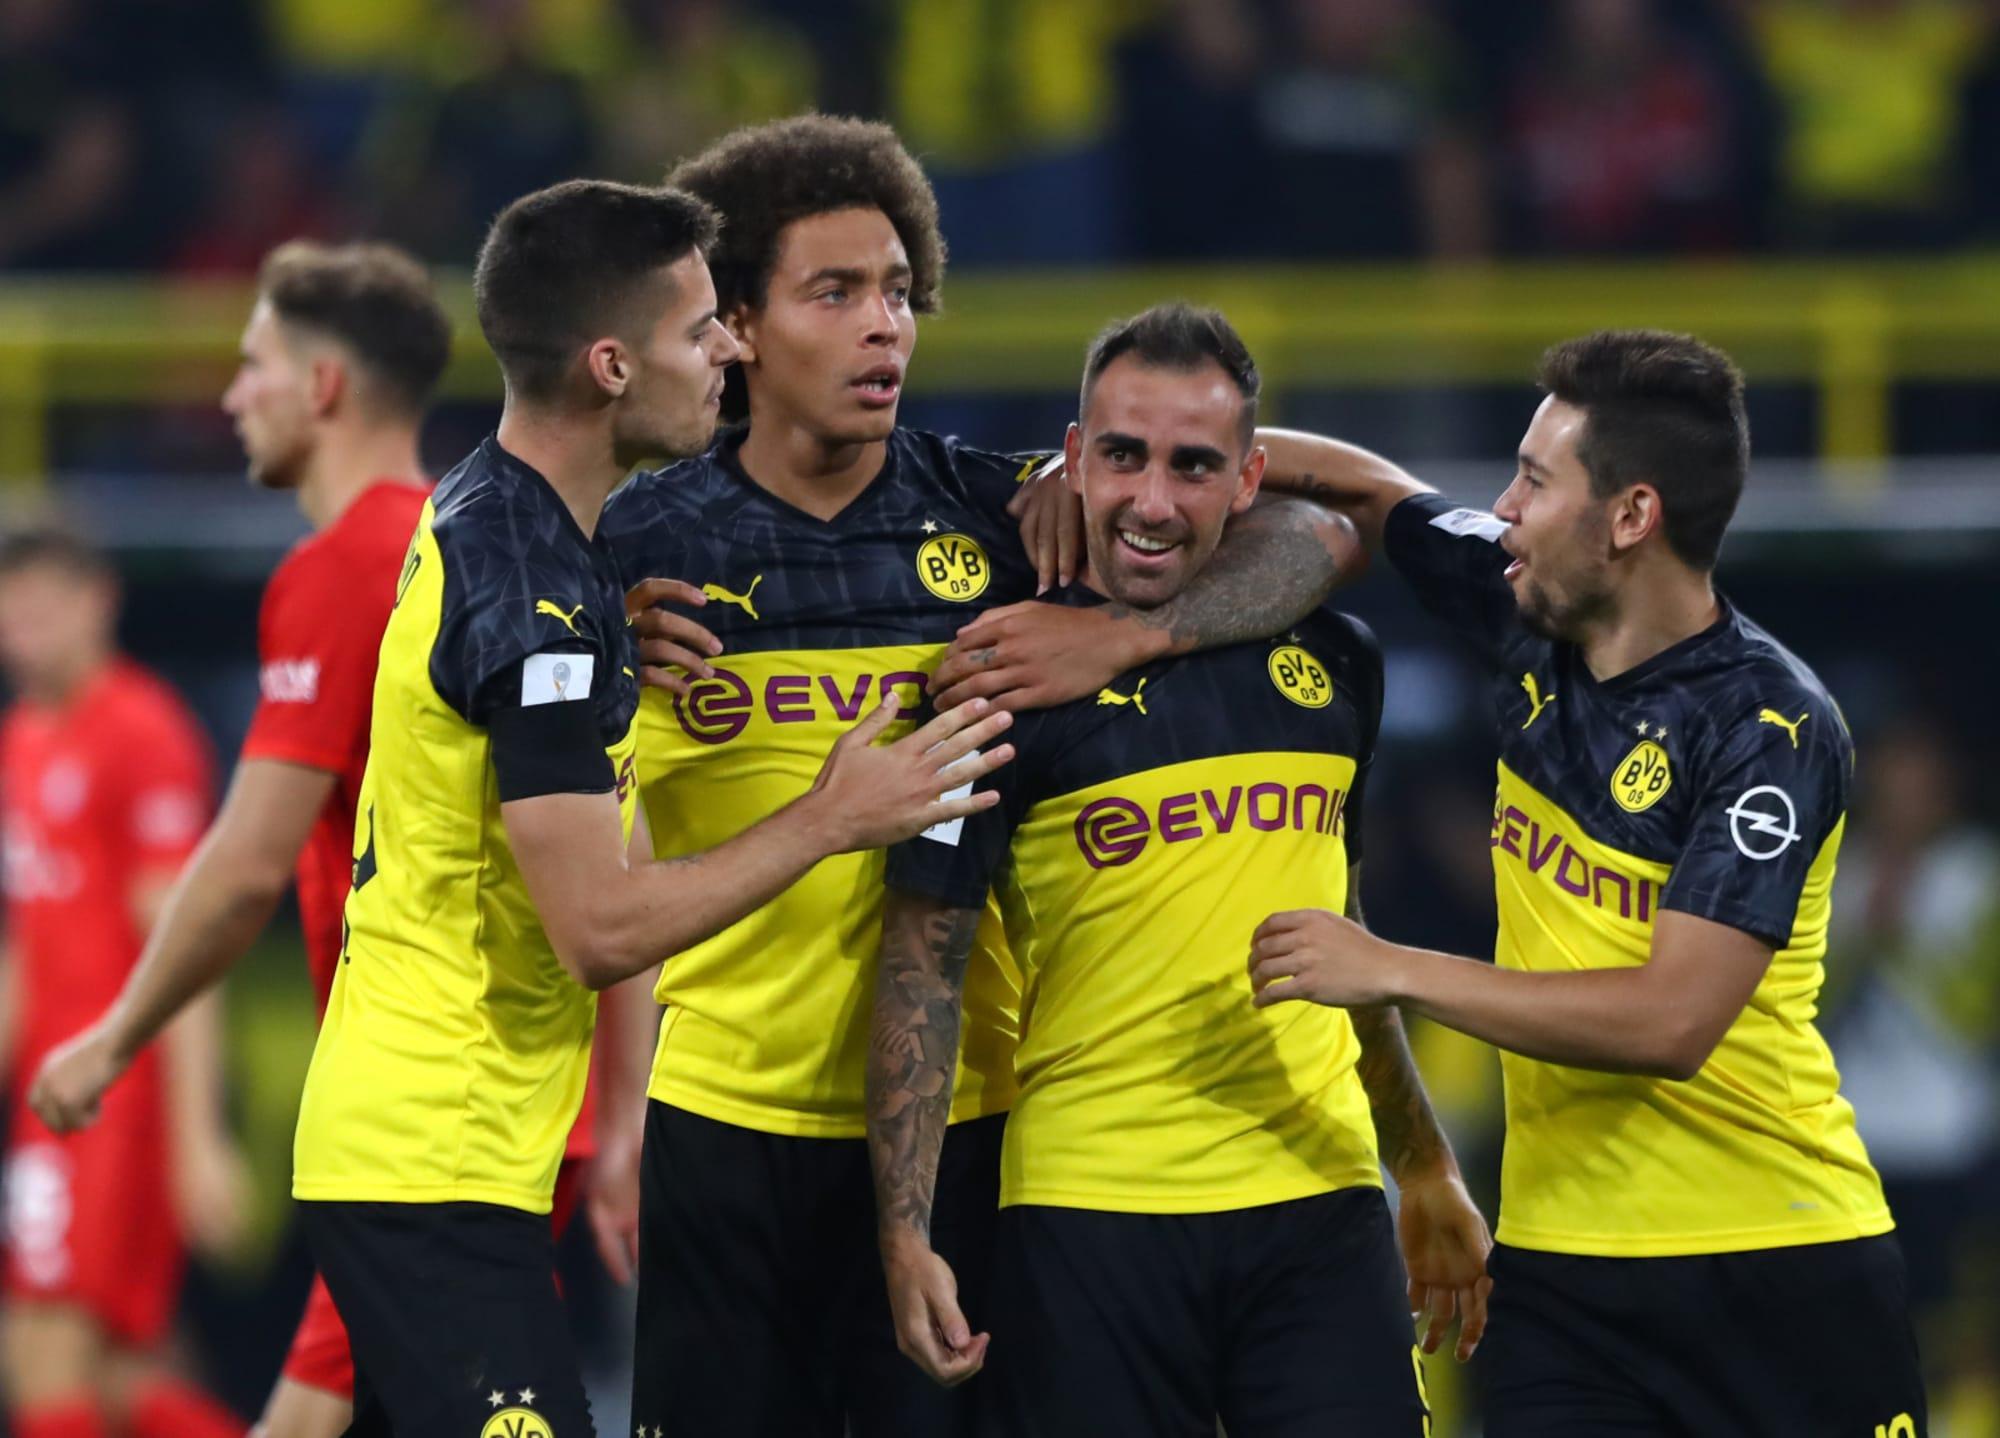 Uerdingen Dortmund